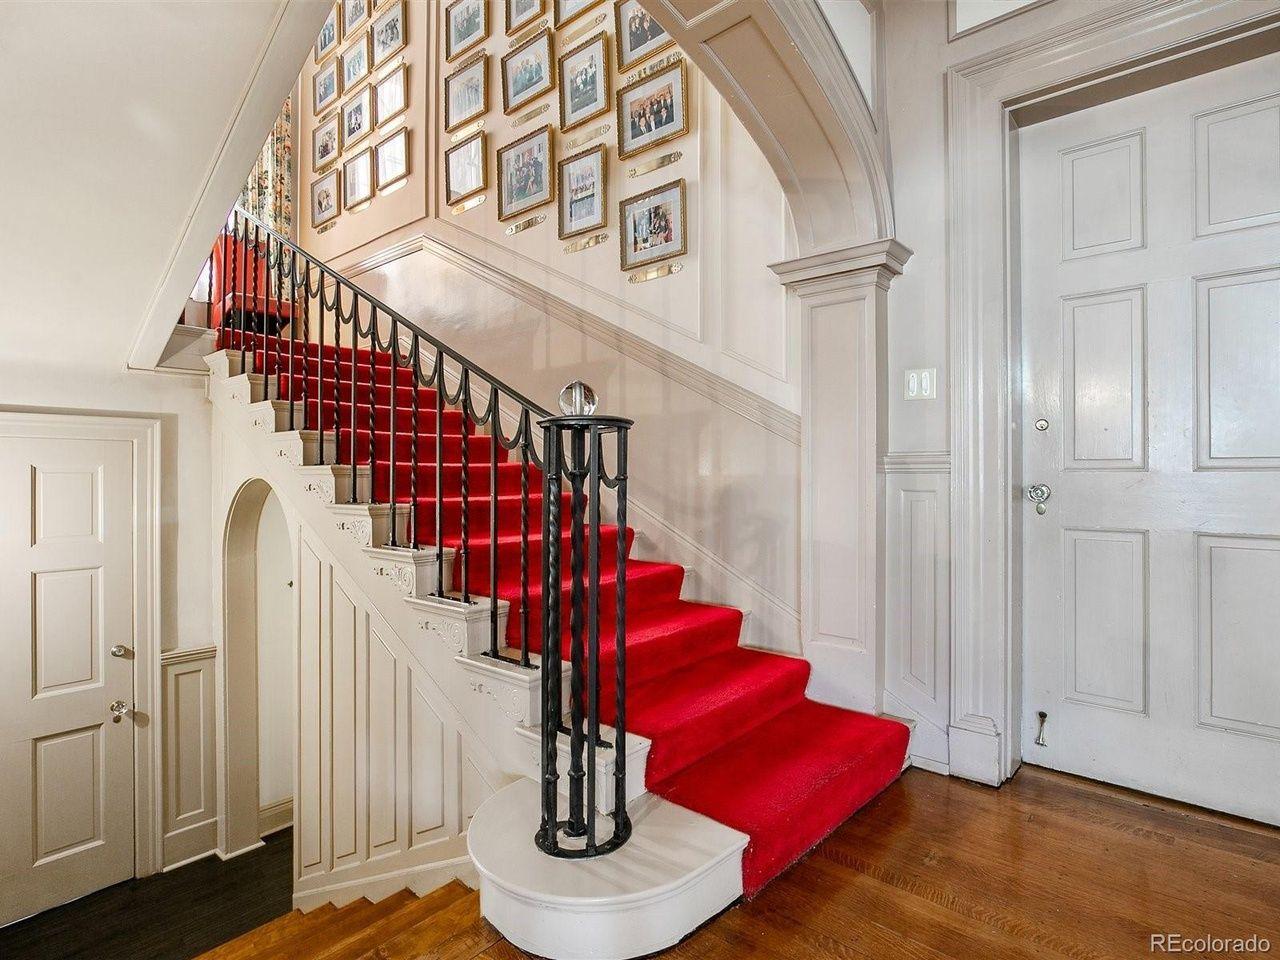 1350 N. Logan St stairs